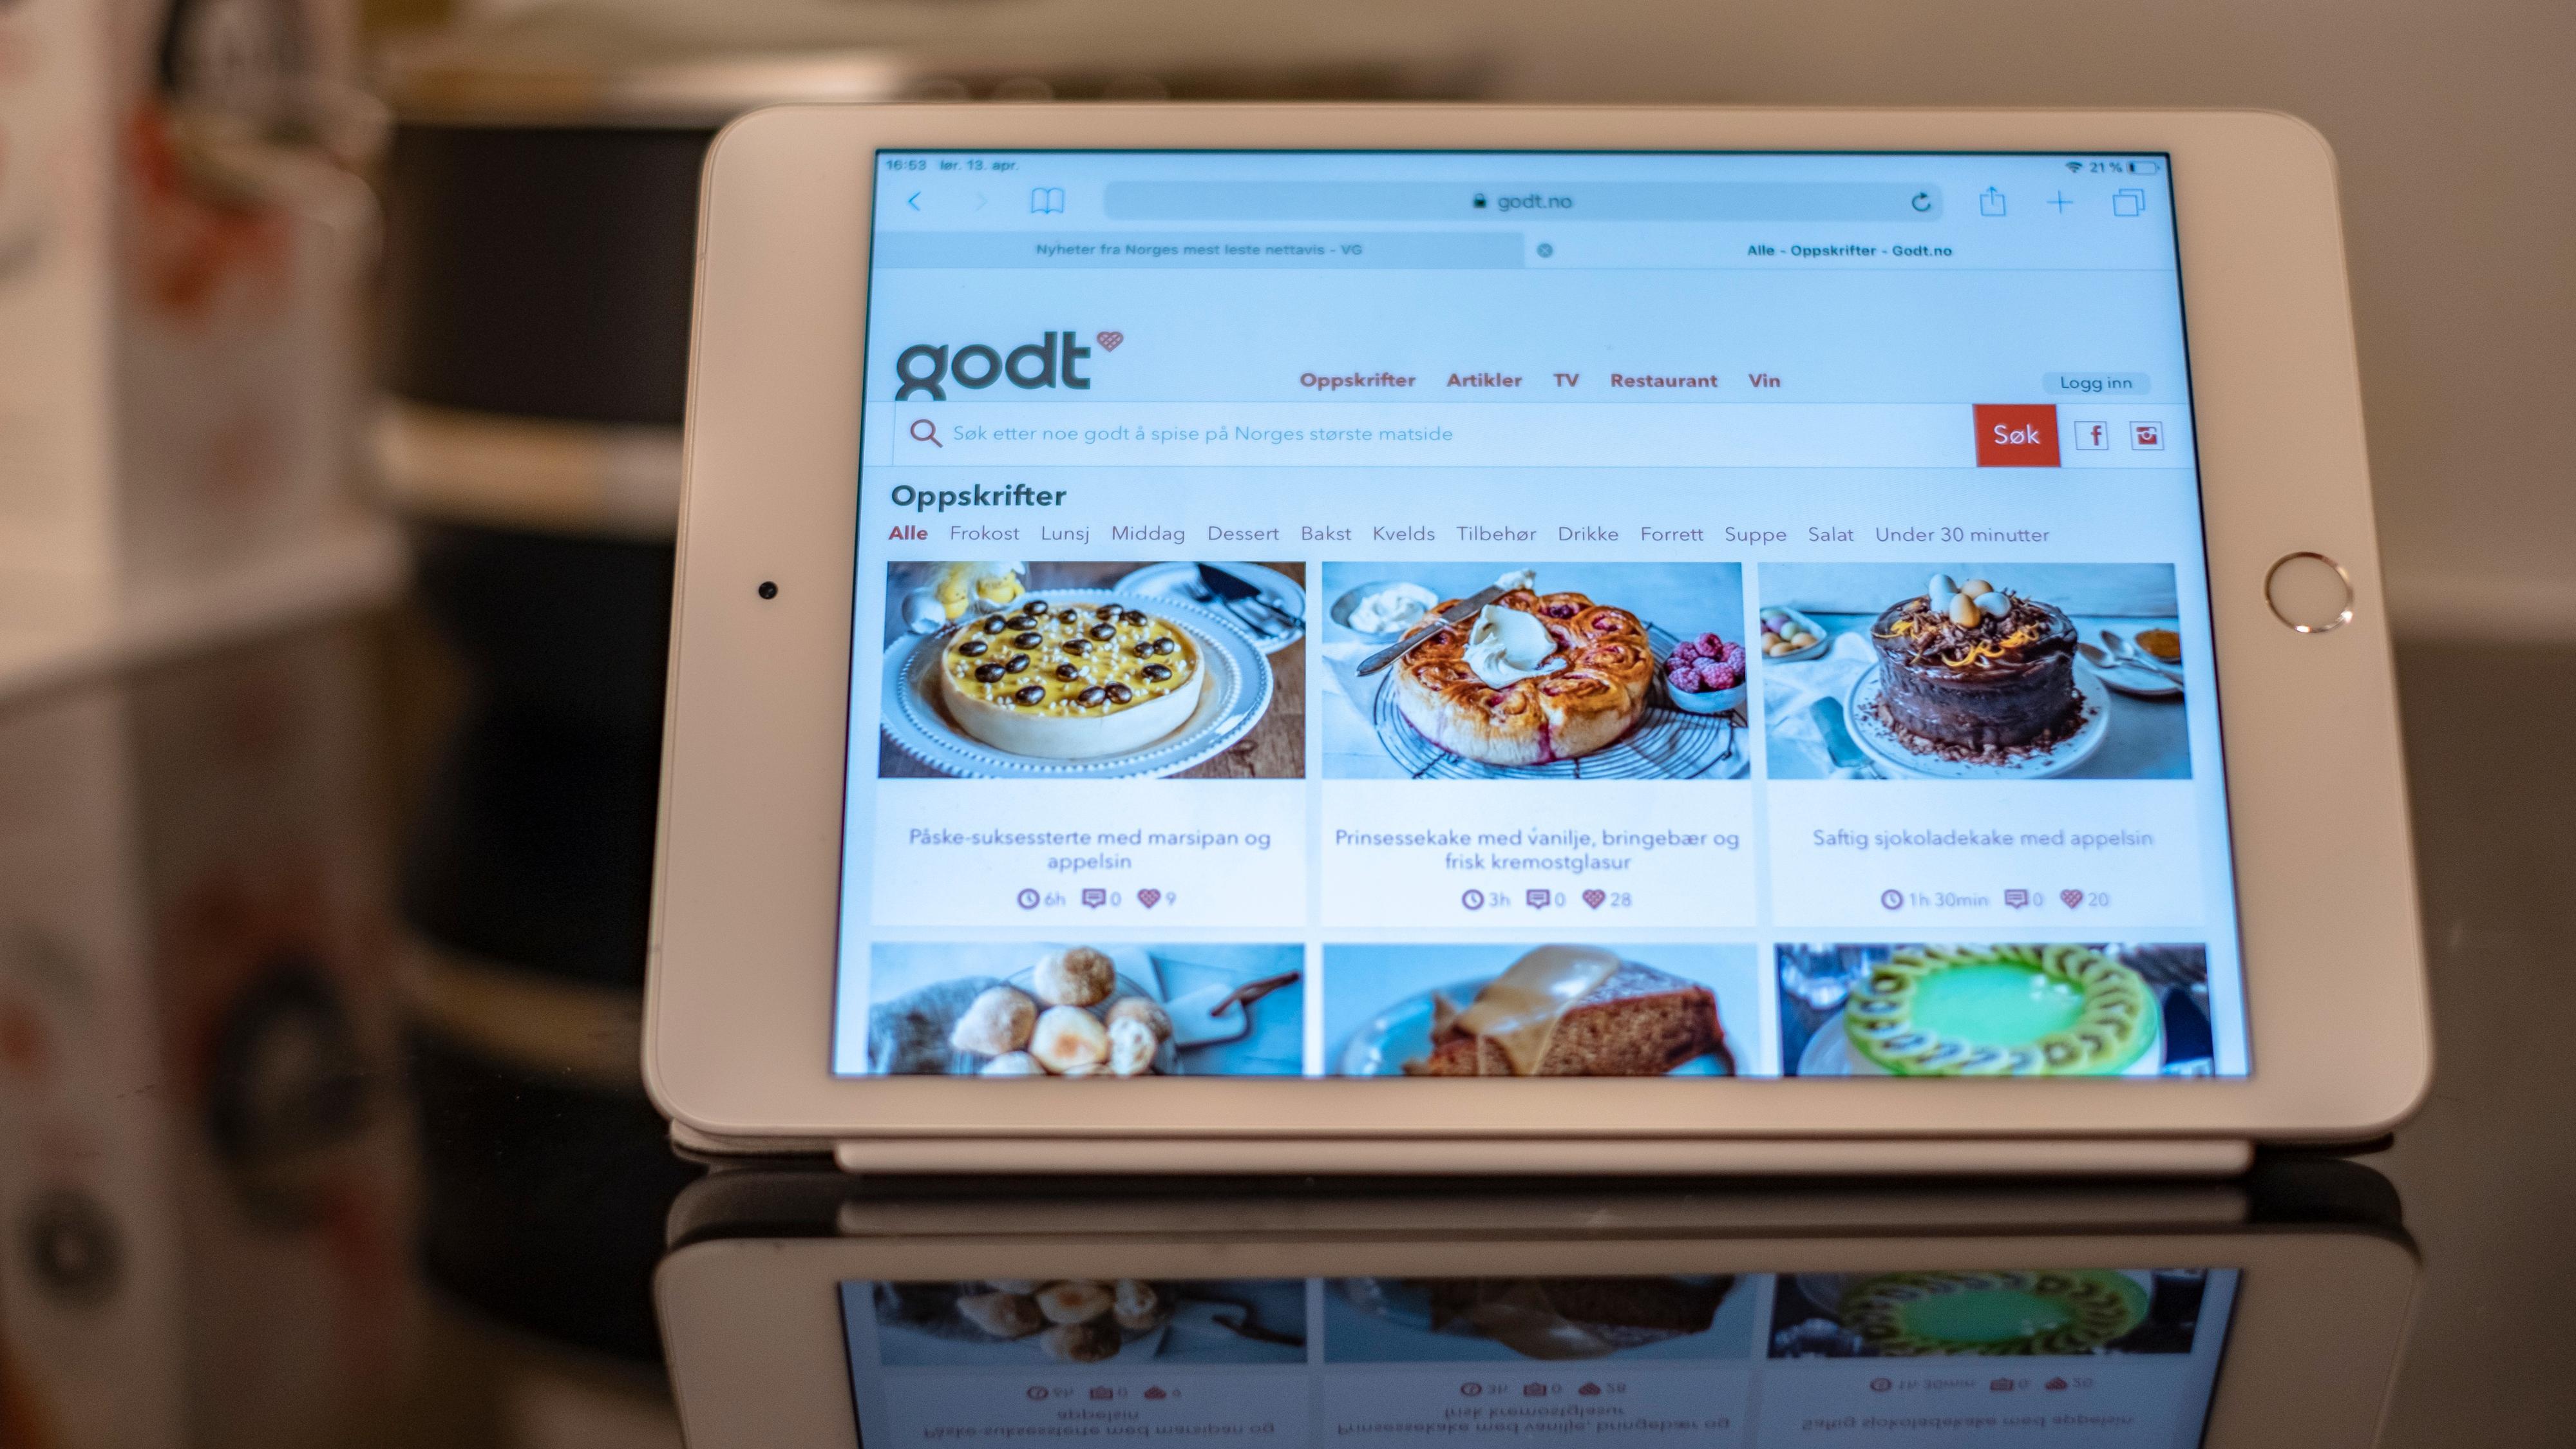 iPad Mini passer inn overalt. På en benk i parken eller som oppskriftshefte på kjøkkenet. Der kan du også bruke Pencil til å raskt notere ned ingrediensene du trenger før du drar til butikken.